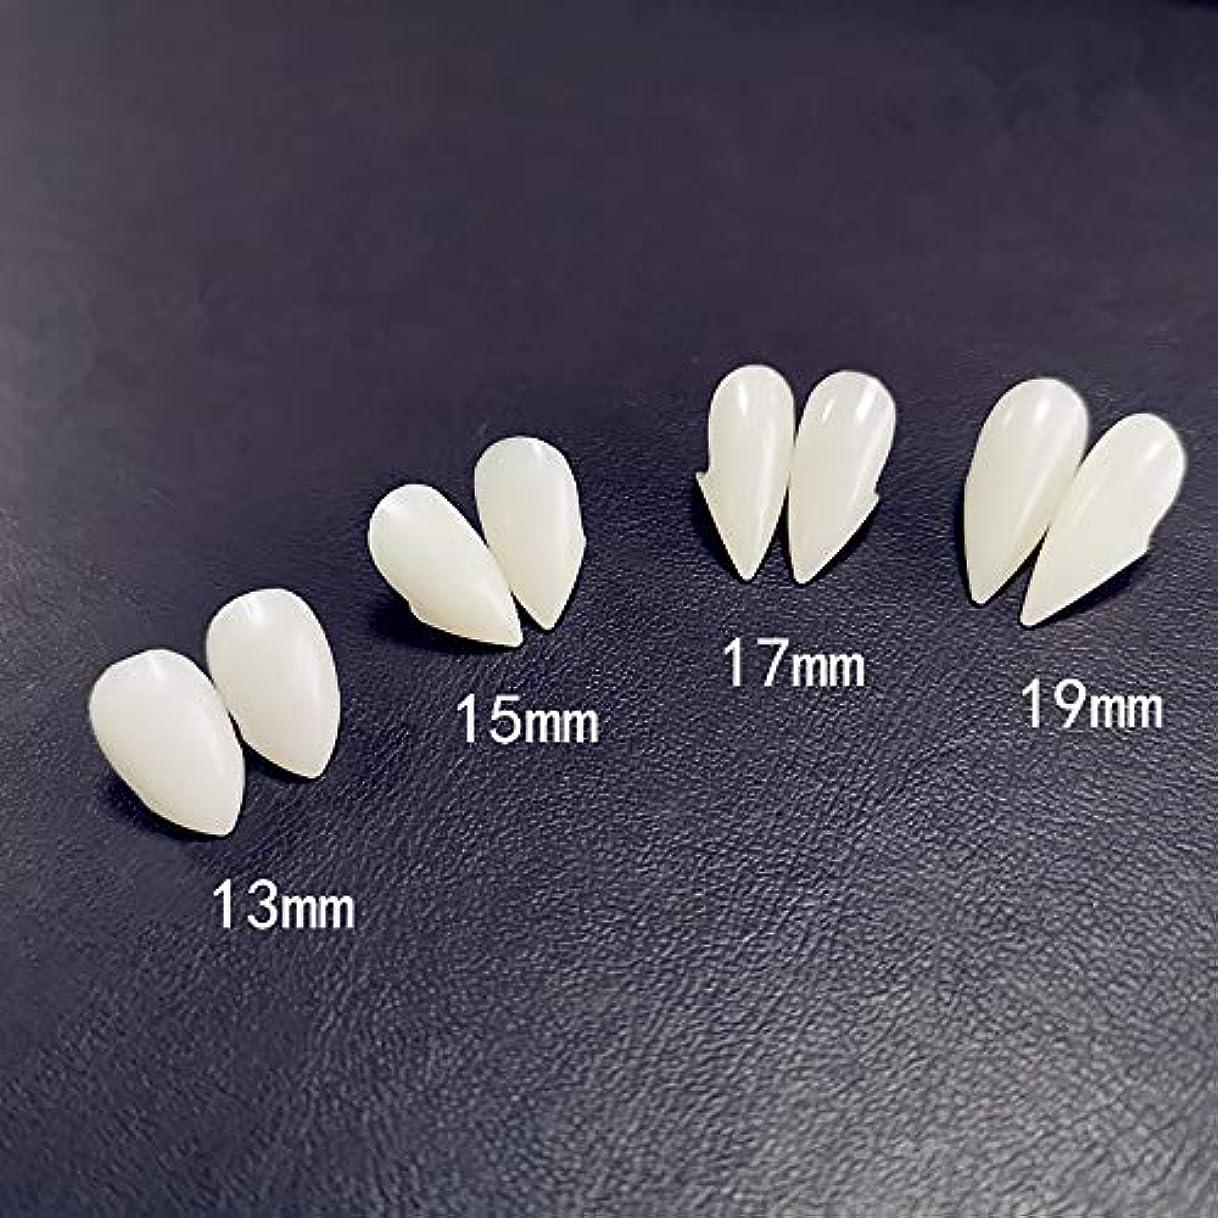 崇拝するスナックかご6ペア牙キット歯の入れ歯歯の牙入れ歯小道具ハロウィーンの衣装小道具パーティーの好意休日DIYの装飾ホラー大人のための子供,17mm